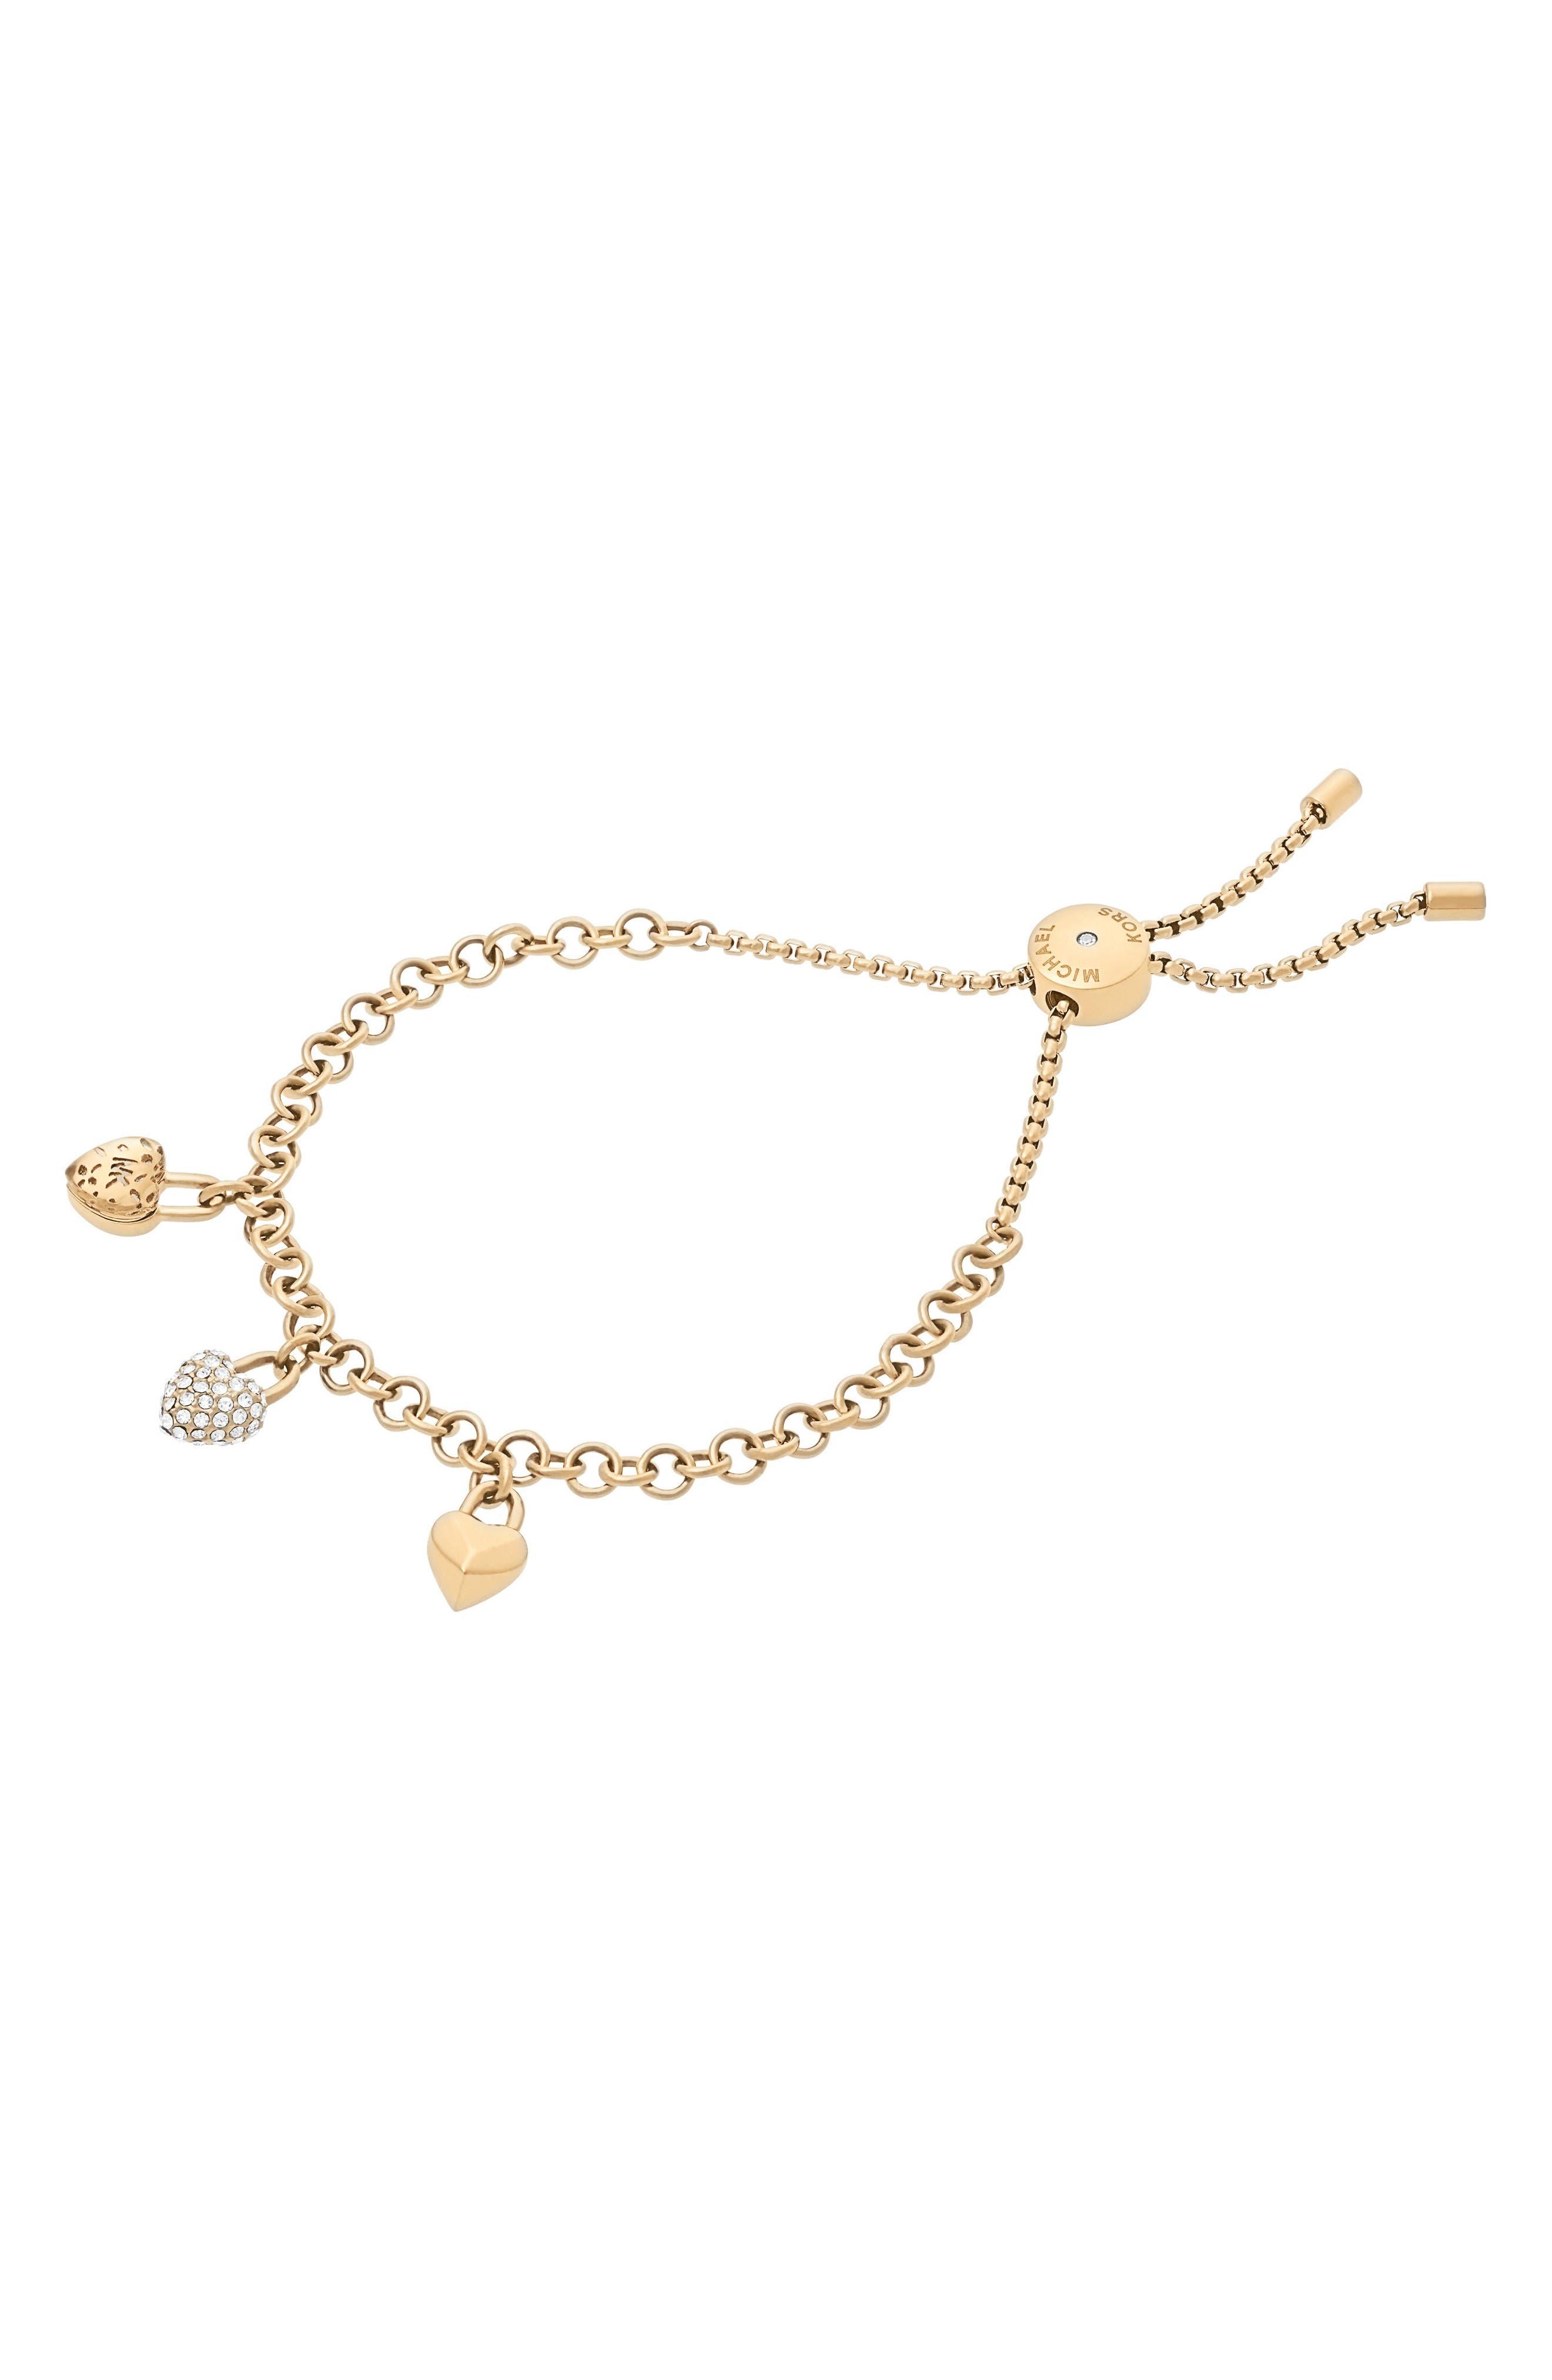 Slider Crystal Bracelet,                         Main,                         color, Gold